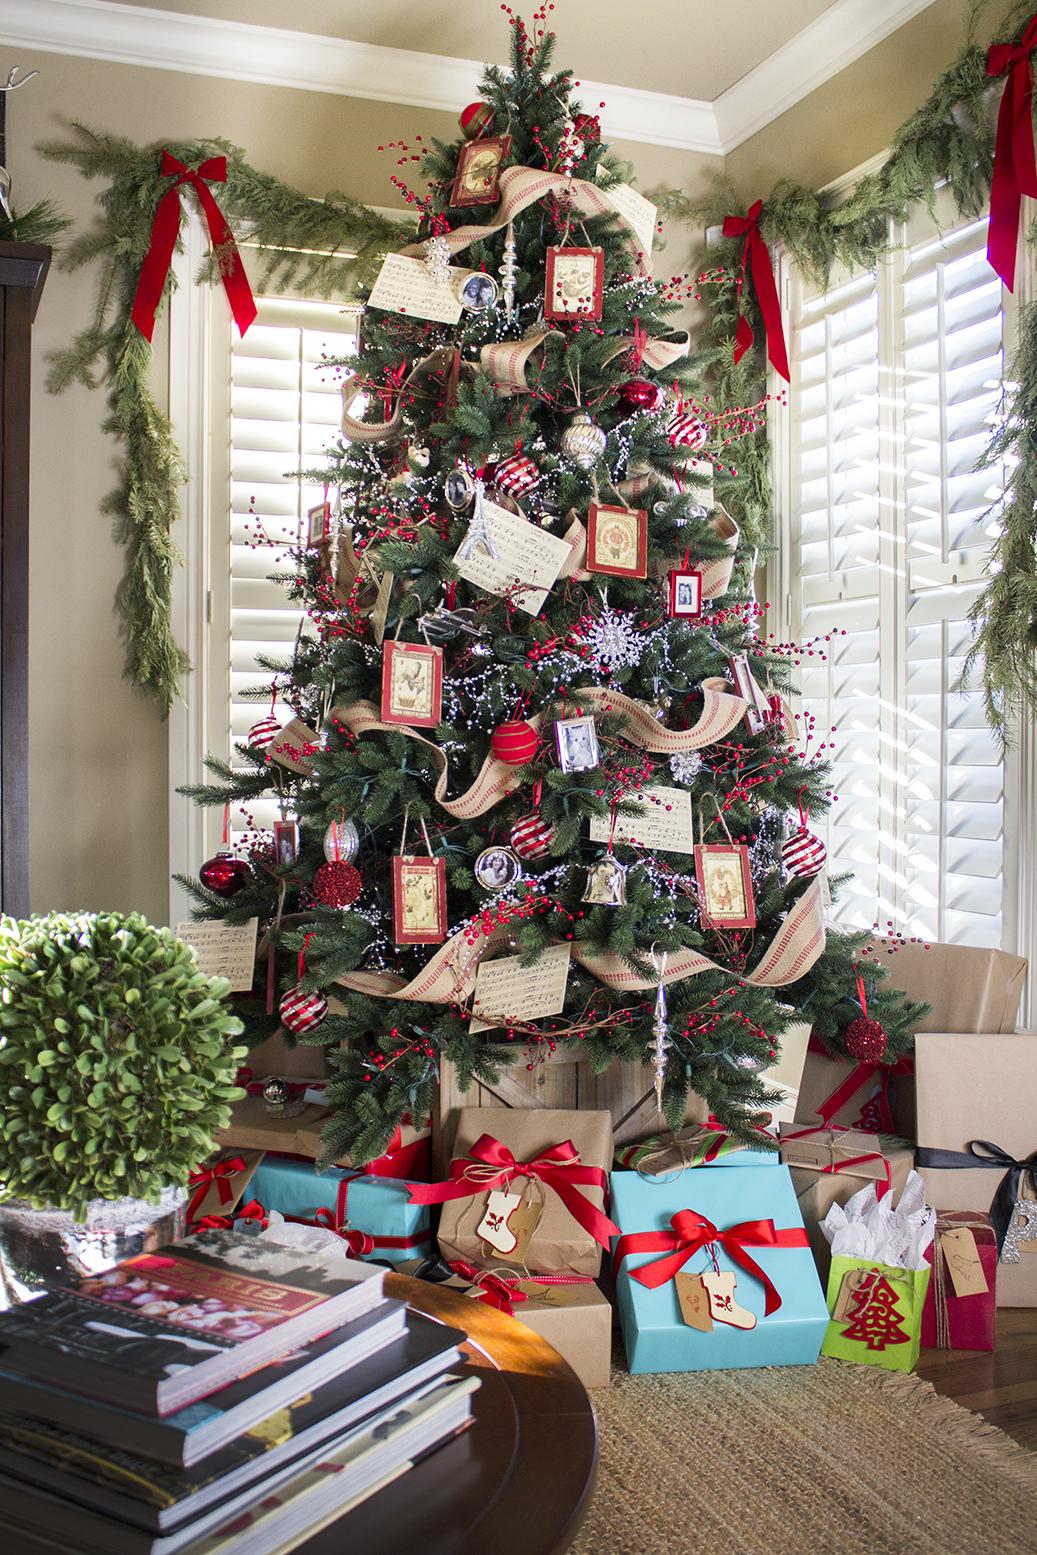 tree_w_presents.jpg